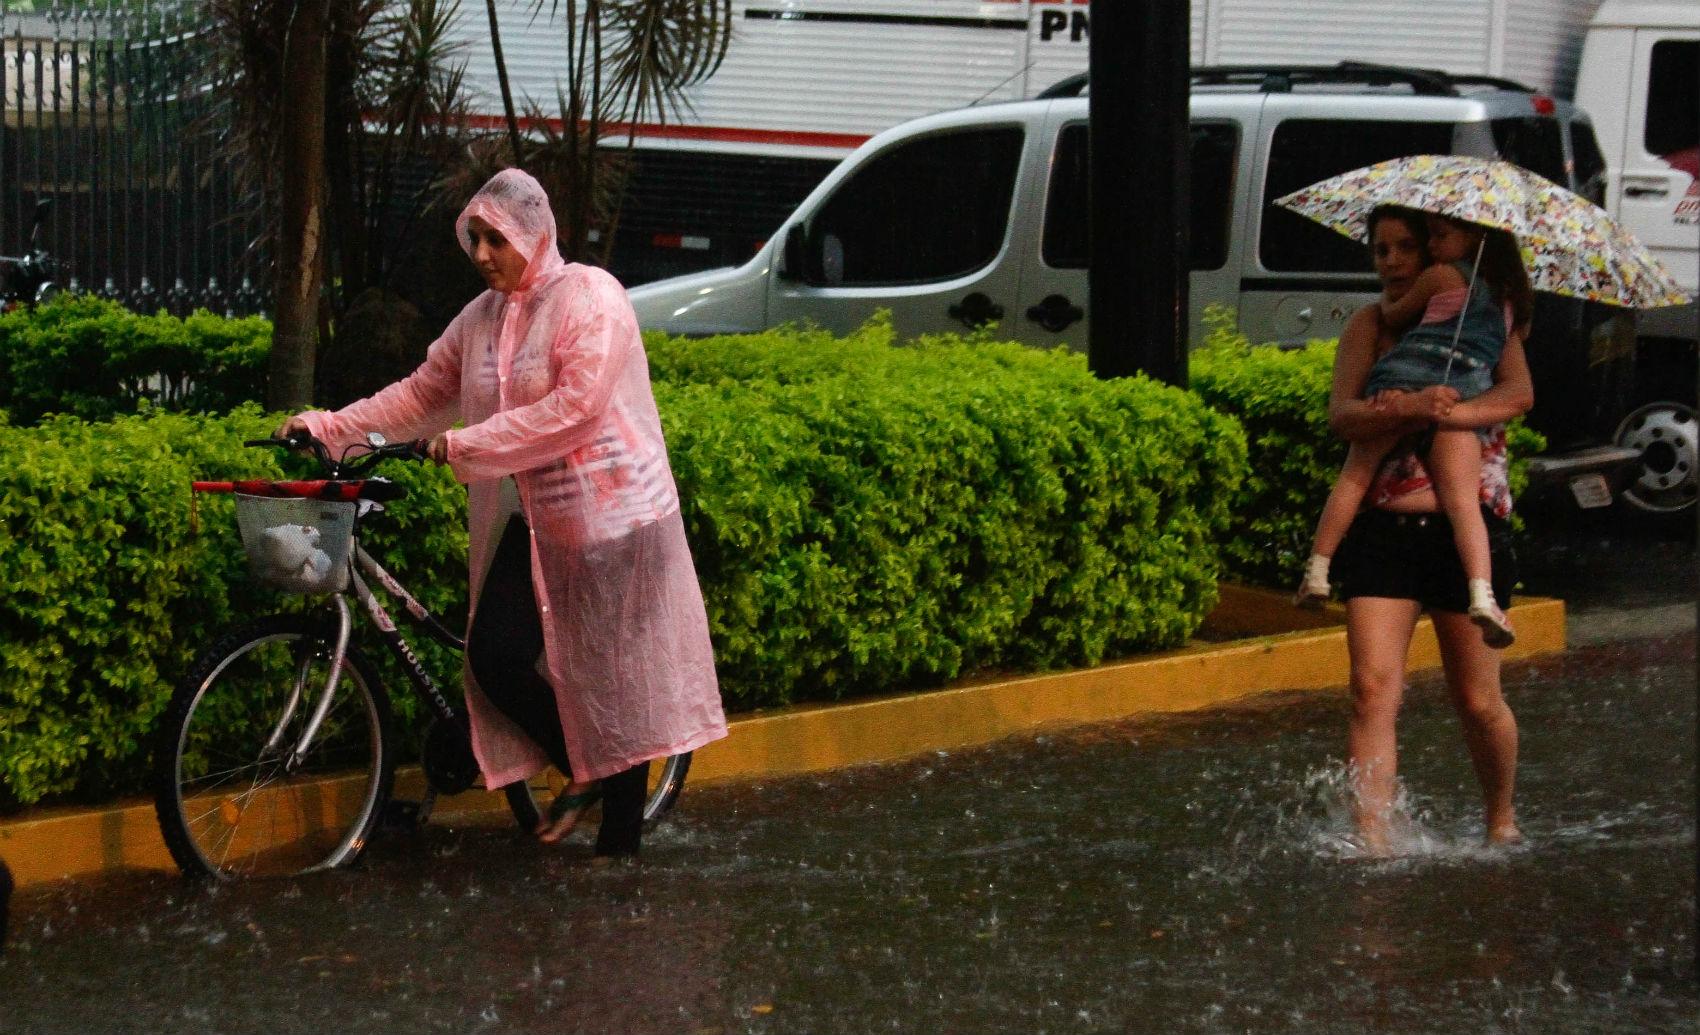 Chuva provoca alagamento no final da tarde desta quinta-feira no bairro do Bom Retiro, região central de São Paulo